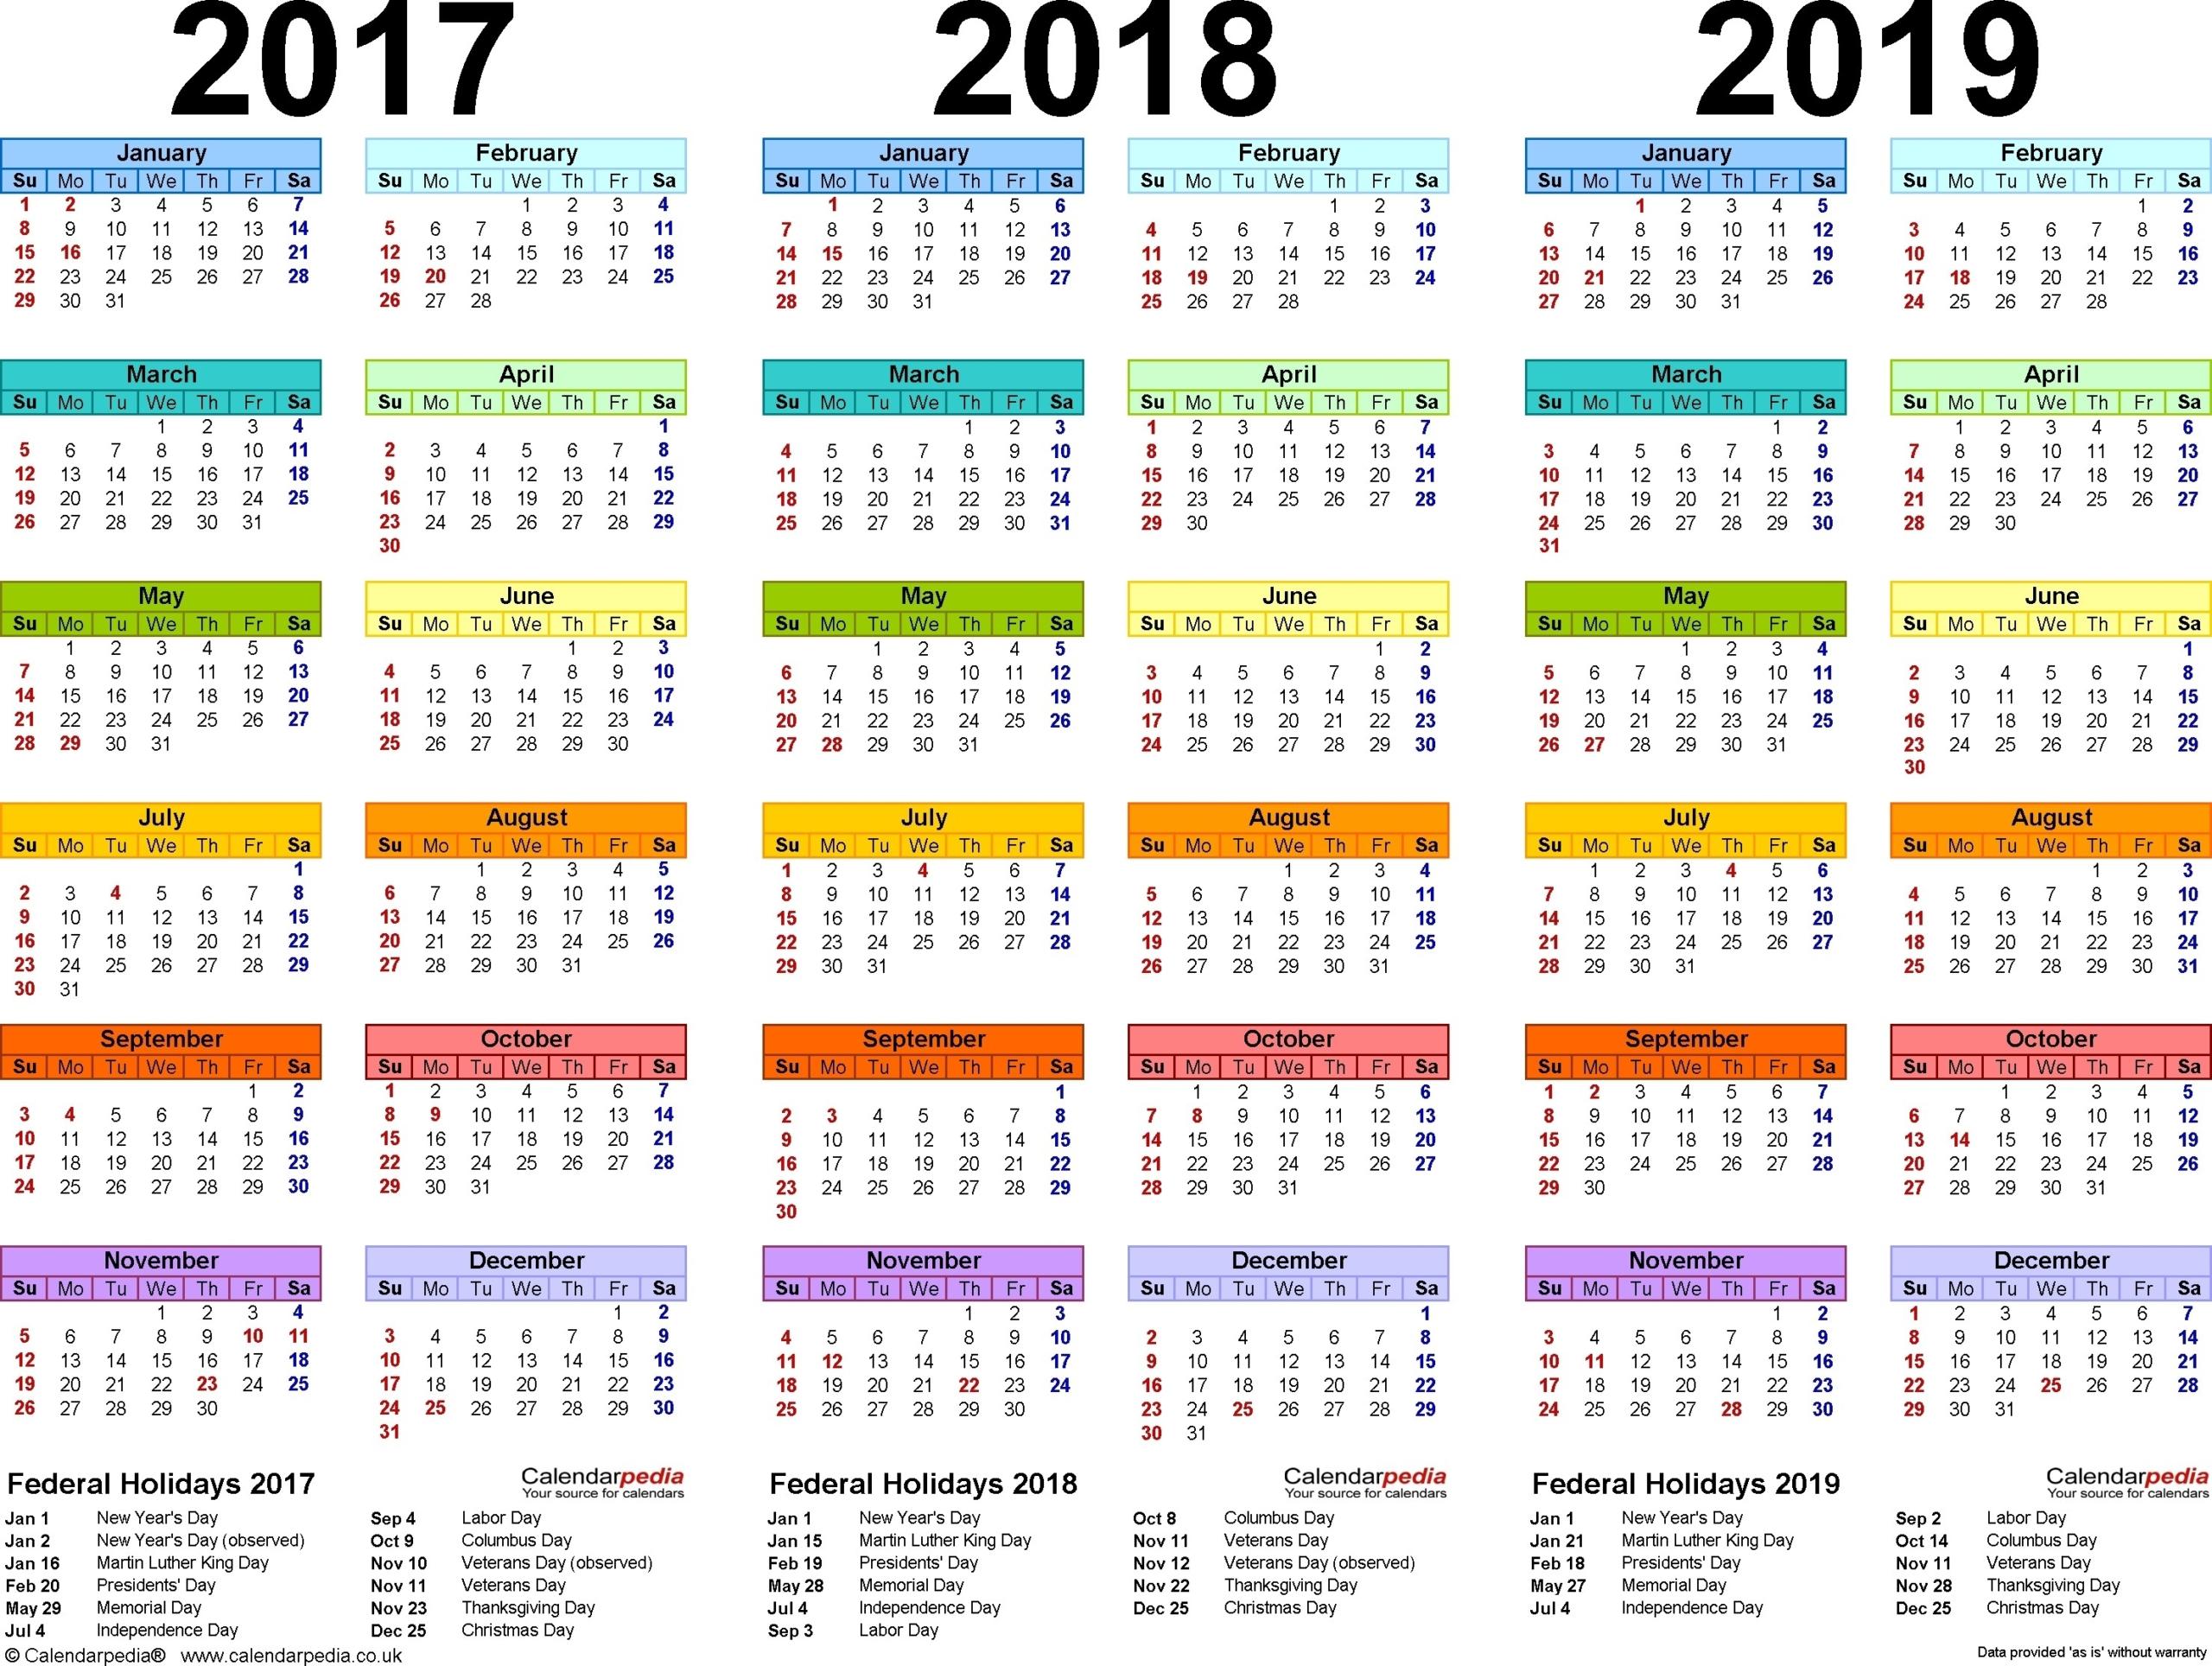 Depo Provera 2021 Calendar